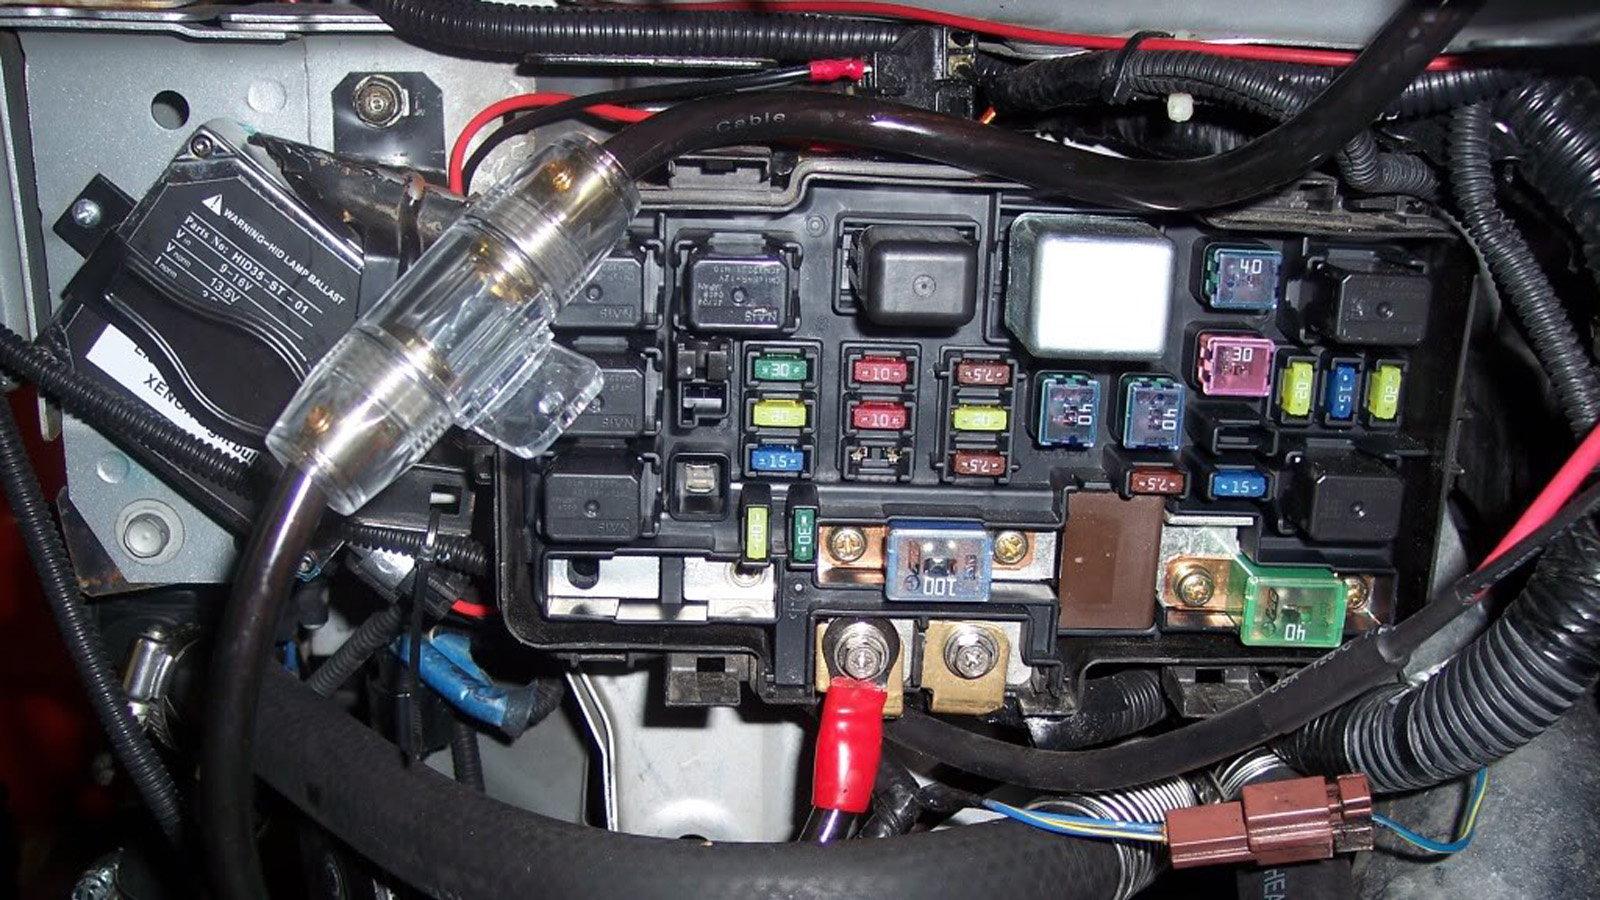 Honda Civic Del Sol Fuse Box Diagrams   Honda tech